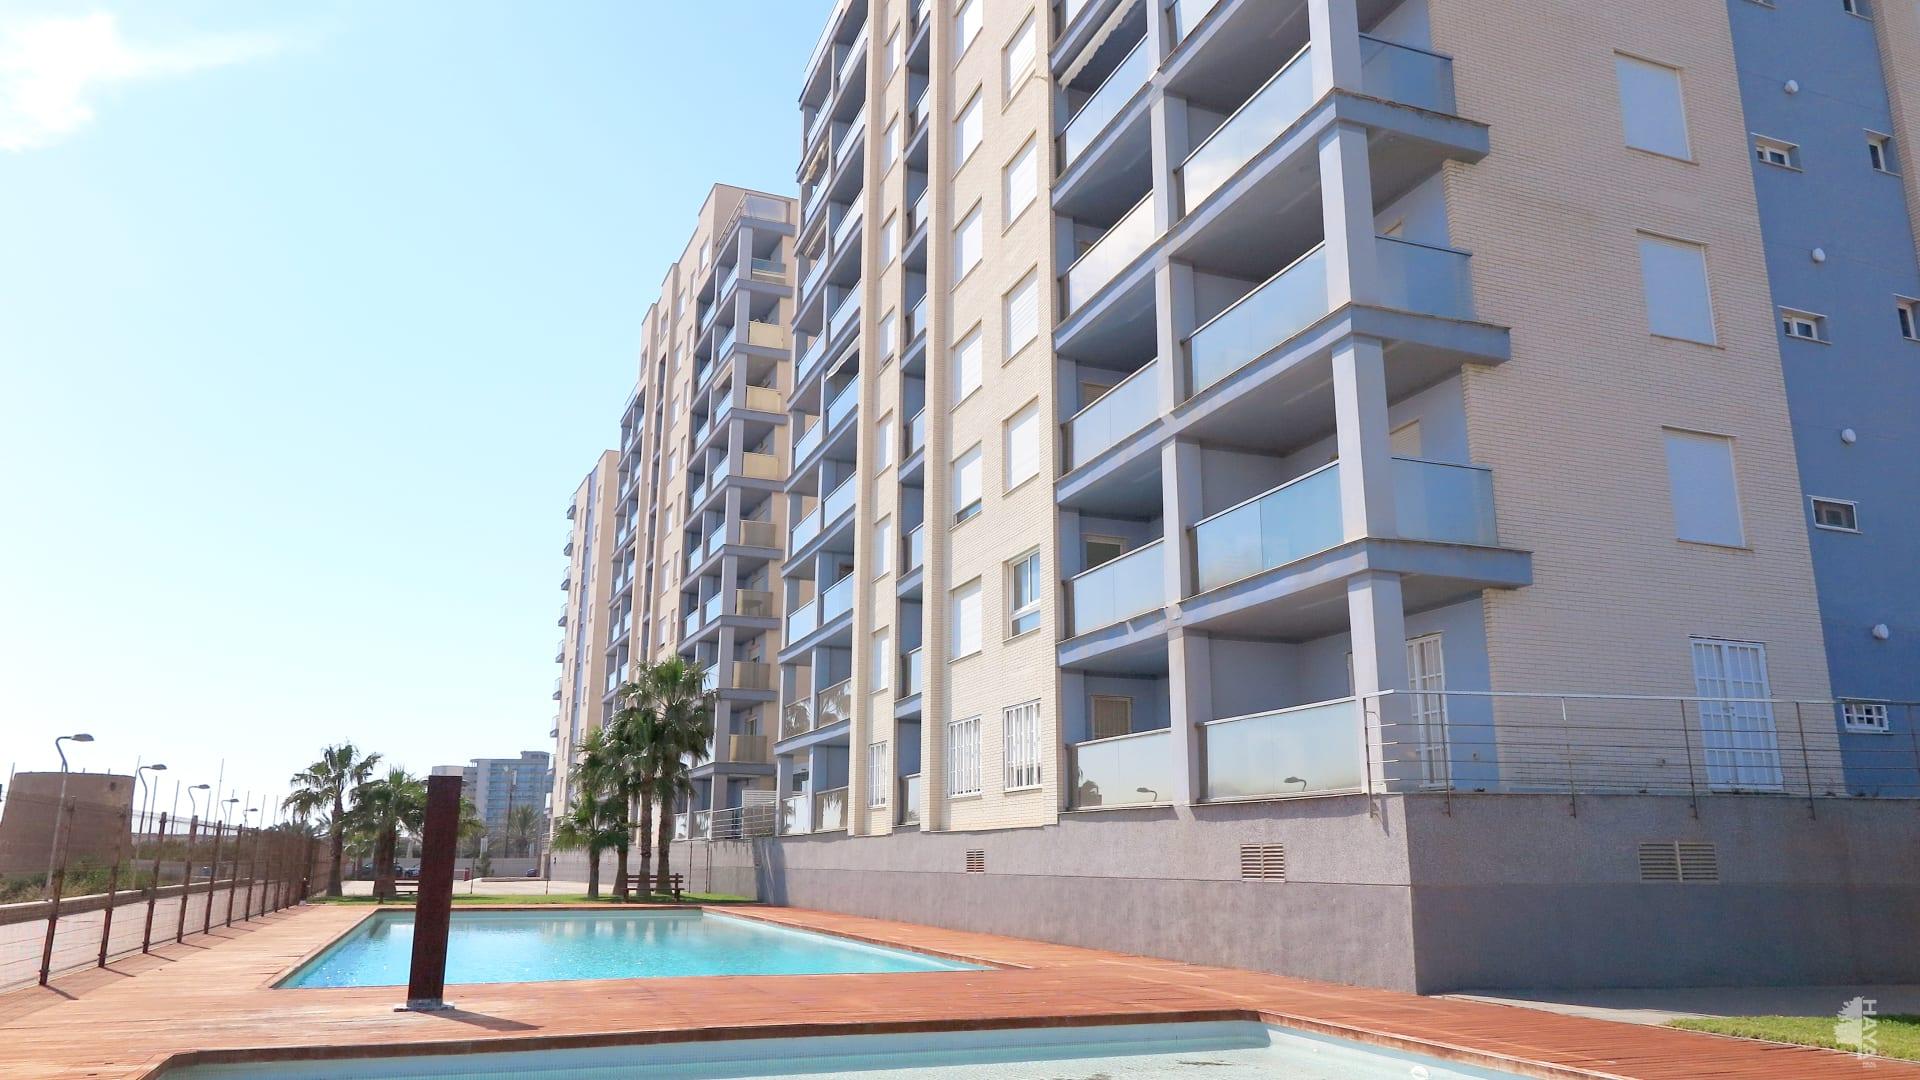 Piso en venta en San Javier, Murcia, Calle Prolongación Pol F. Conj Resid. Veneziola Golf Ii, 132.000 €, 3 habitaciones, 2 baños, 70 m2